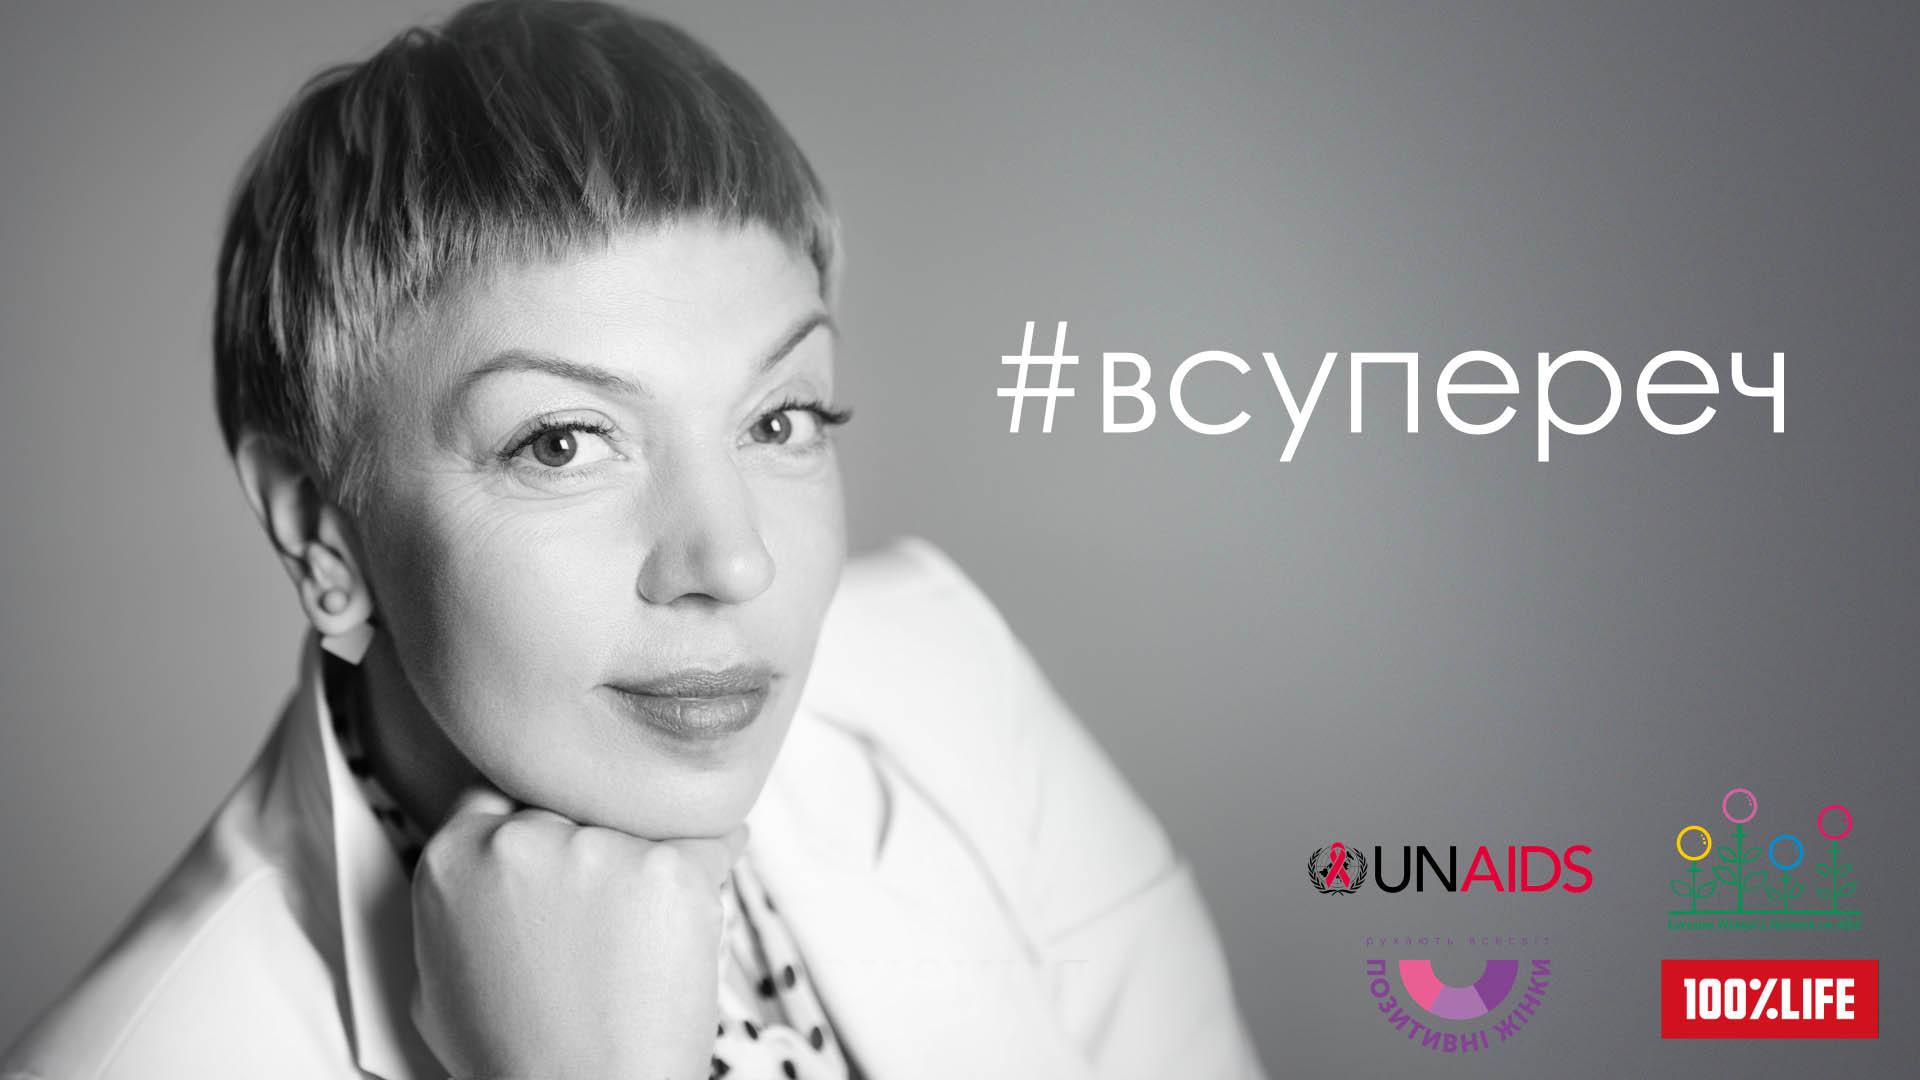 #ВСУПЕРЕЧ: онлайн-кампанія на підтримку жінок, що живуть з ВІЛ, запускається напередодні Всесвітнього дня боротьби зі СНІДом